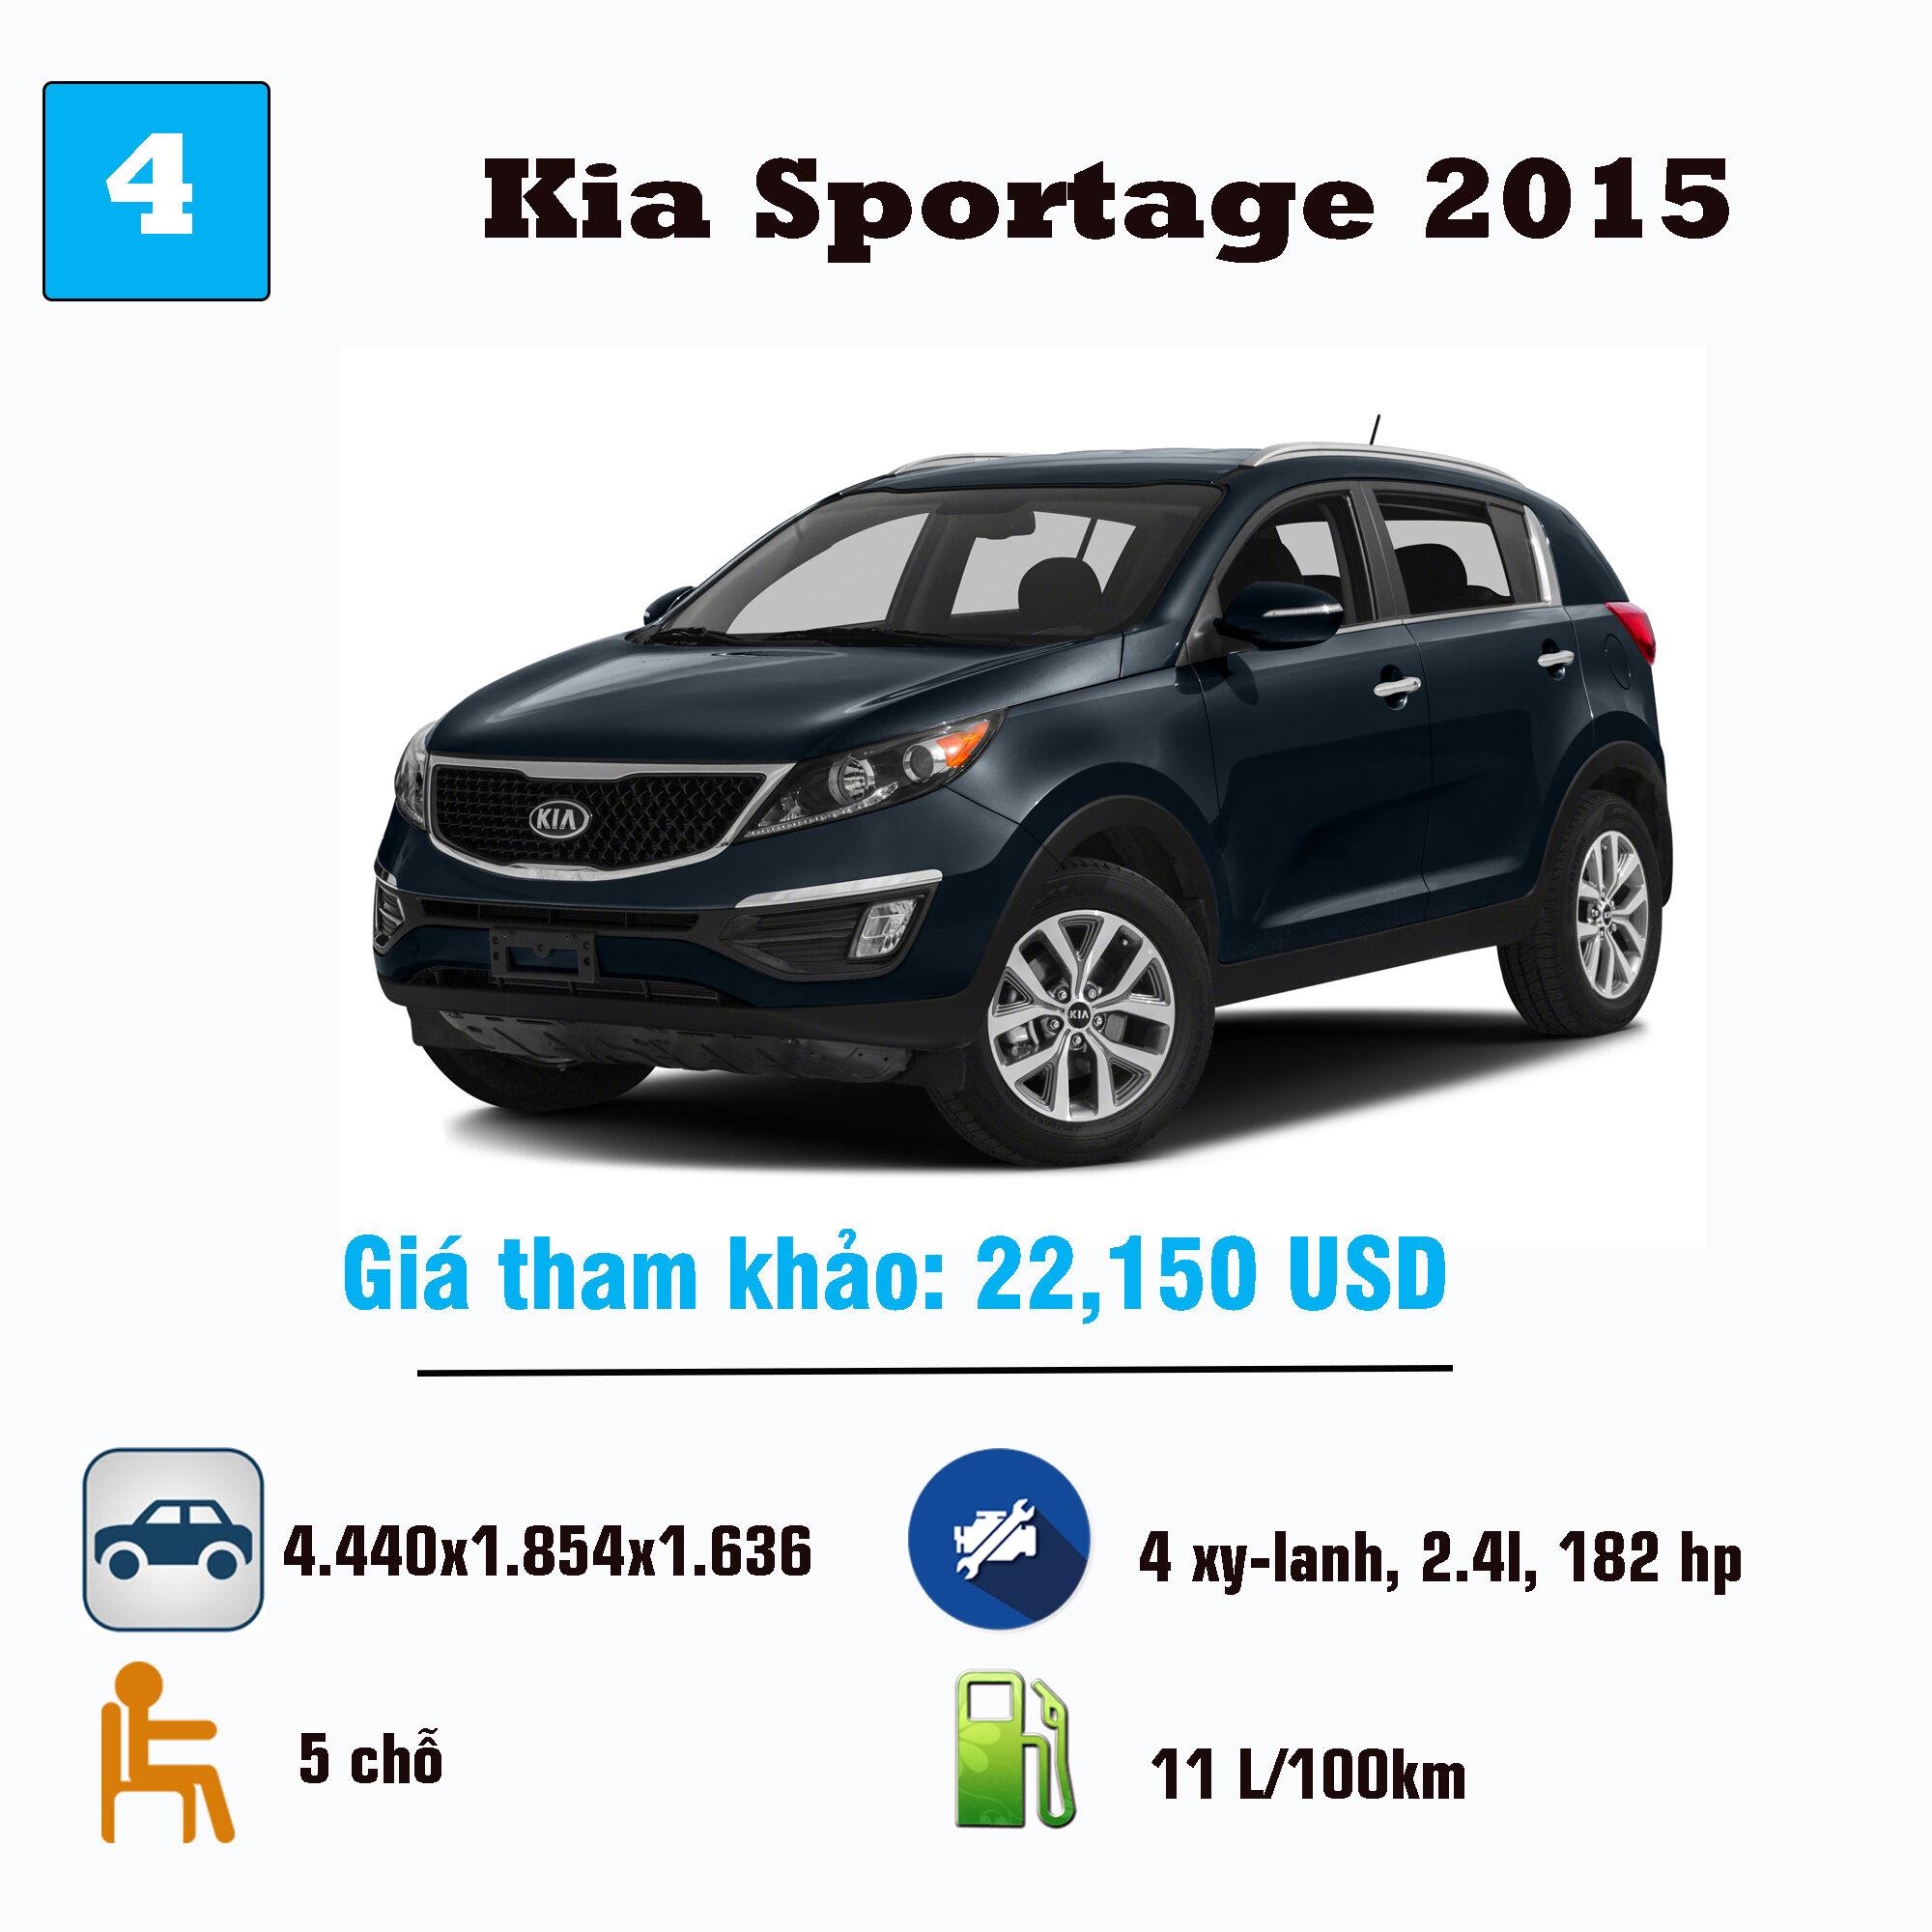 Top 5 chiếc ô tô SUV cỡ nhỏ tốt nhất năm 2015